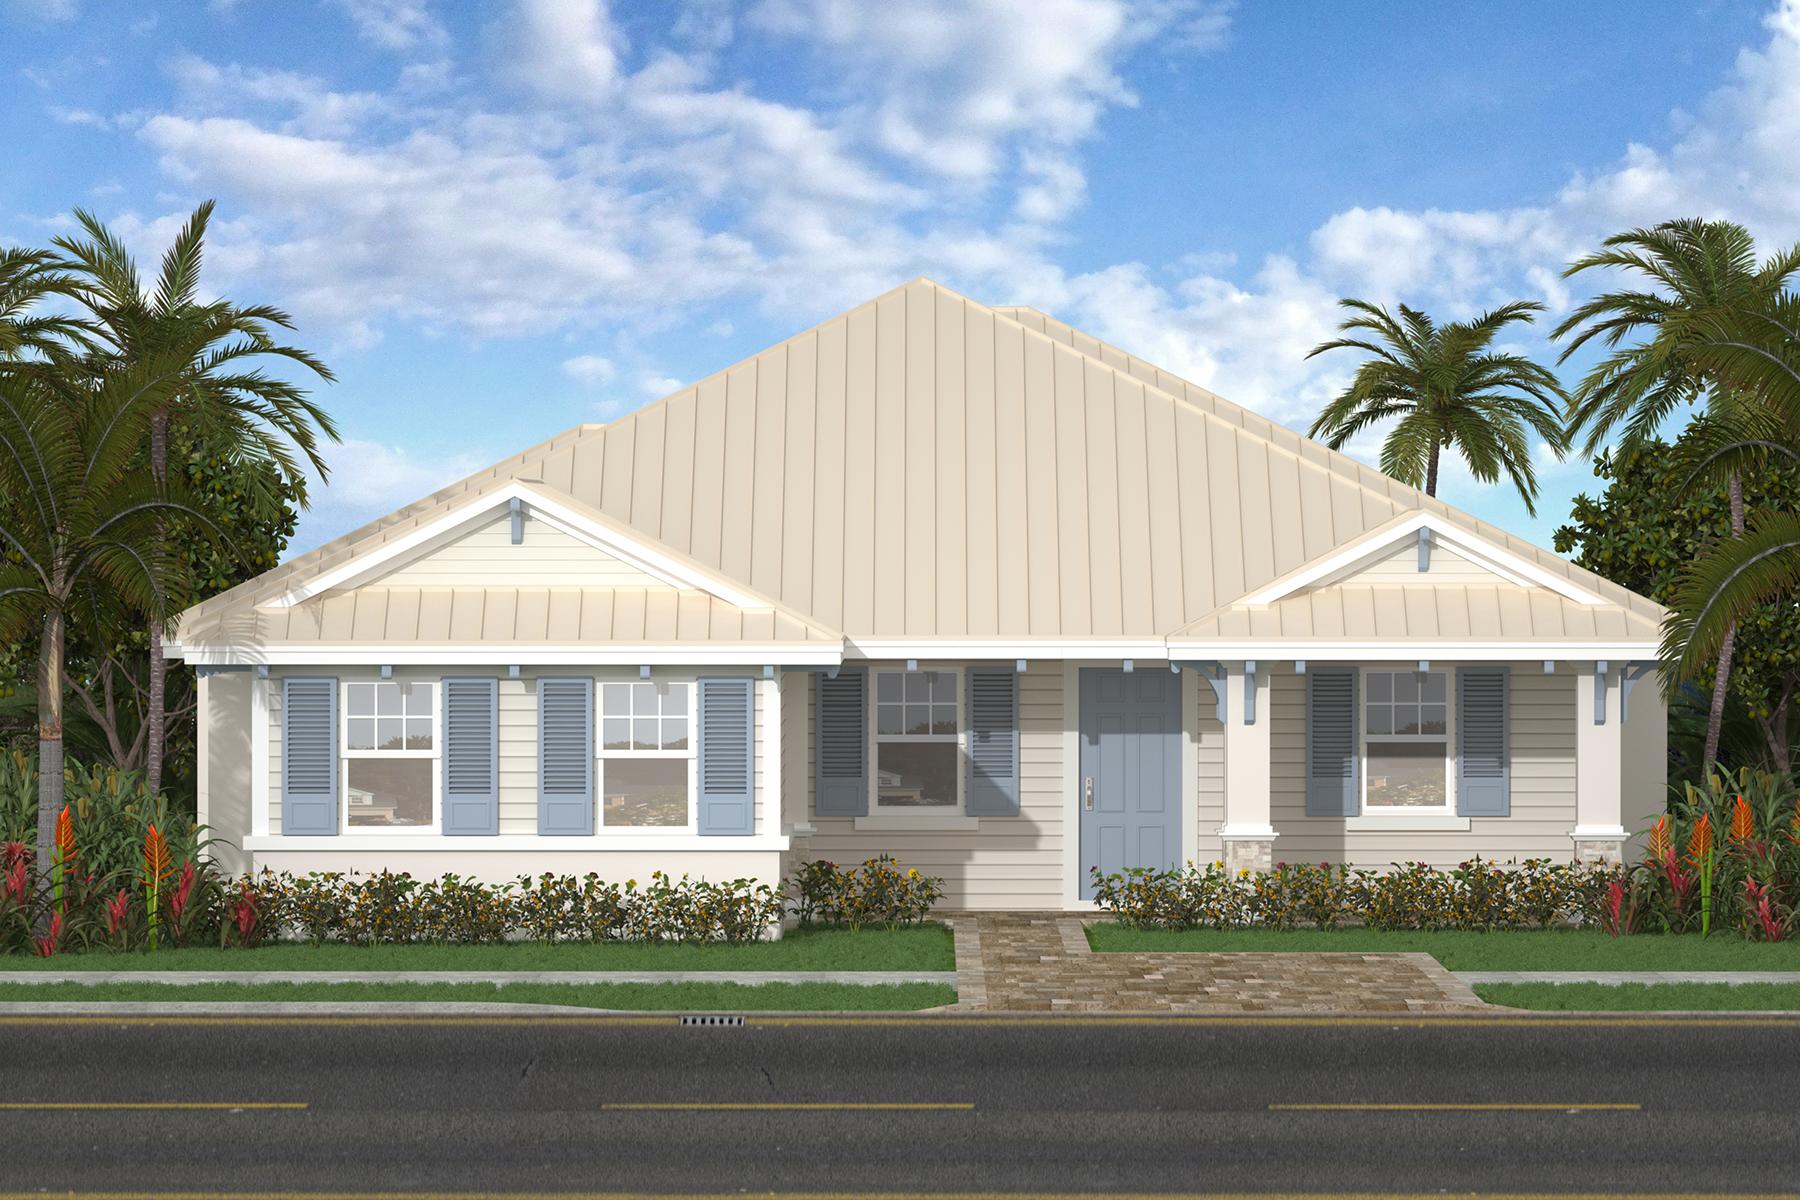 独户住宅 为 销售 在 LAKE PARK 1131 7th Ave N 那不勒斯, 佛罗里达州, 34102 美国